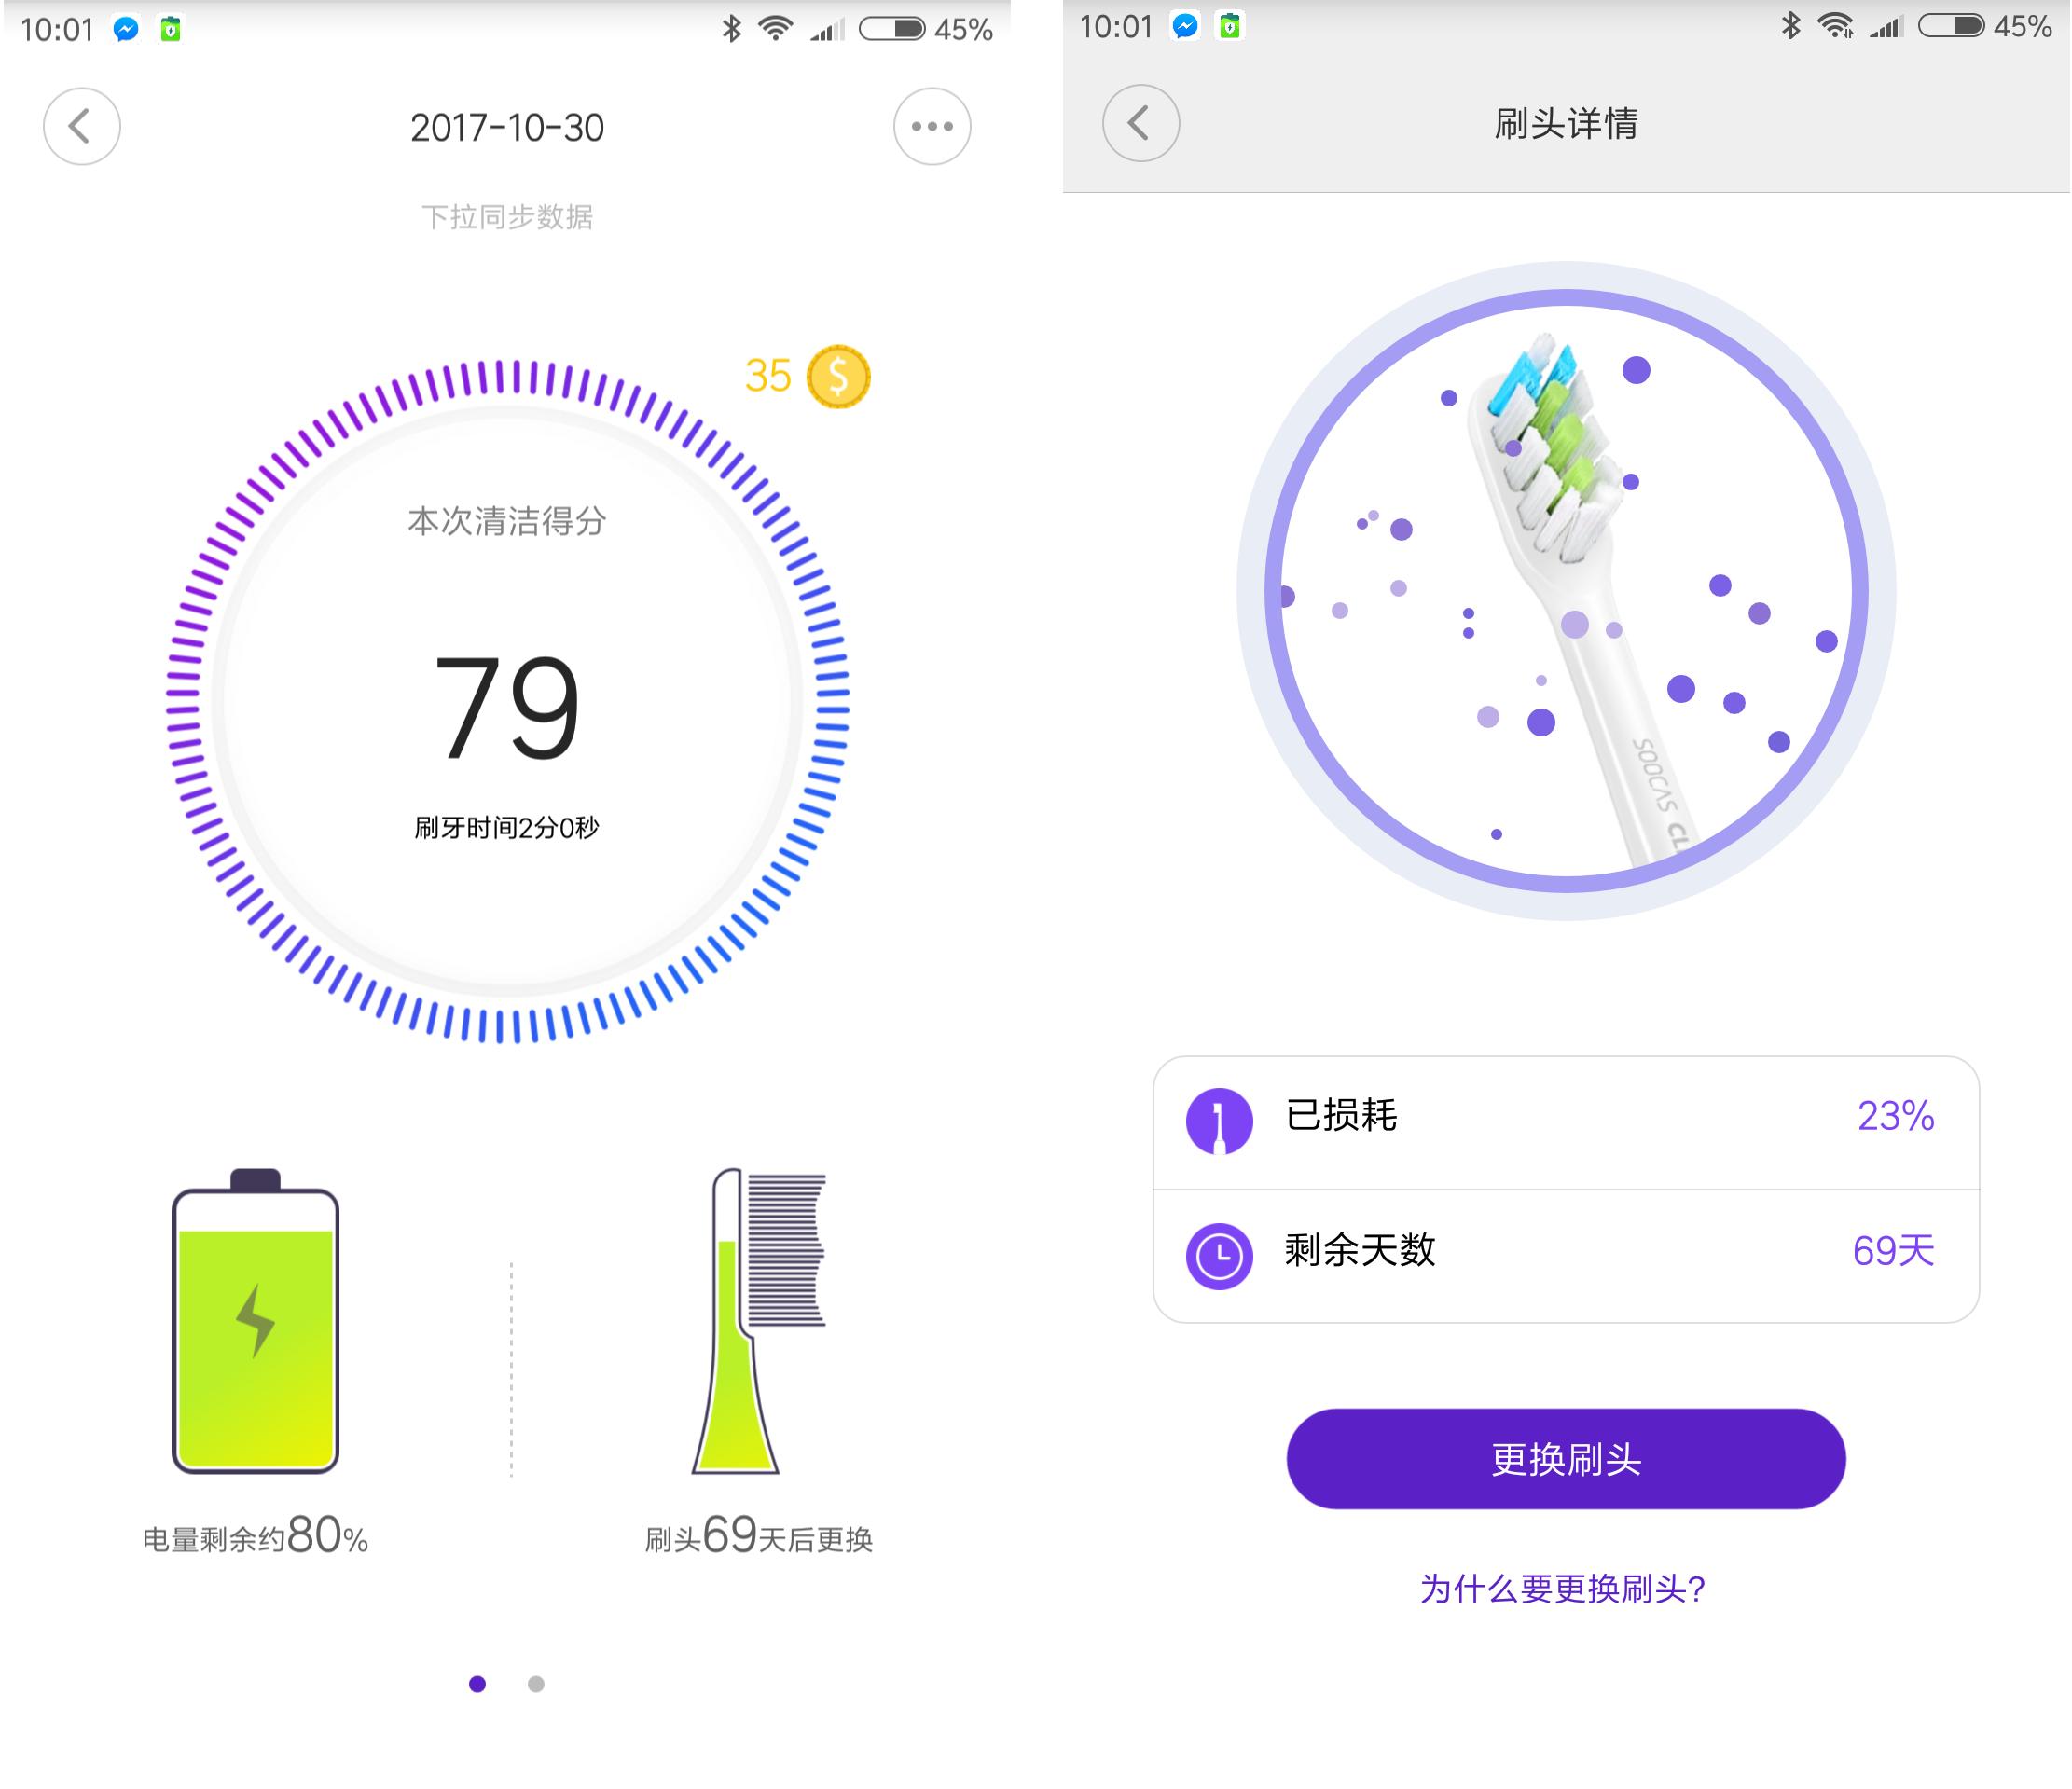 screenshot_2017-11-17-10-01-41-532_com_xiaomi_smarthome_2.png